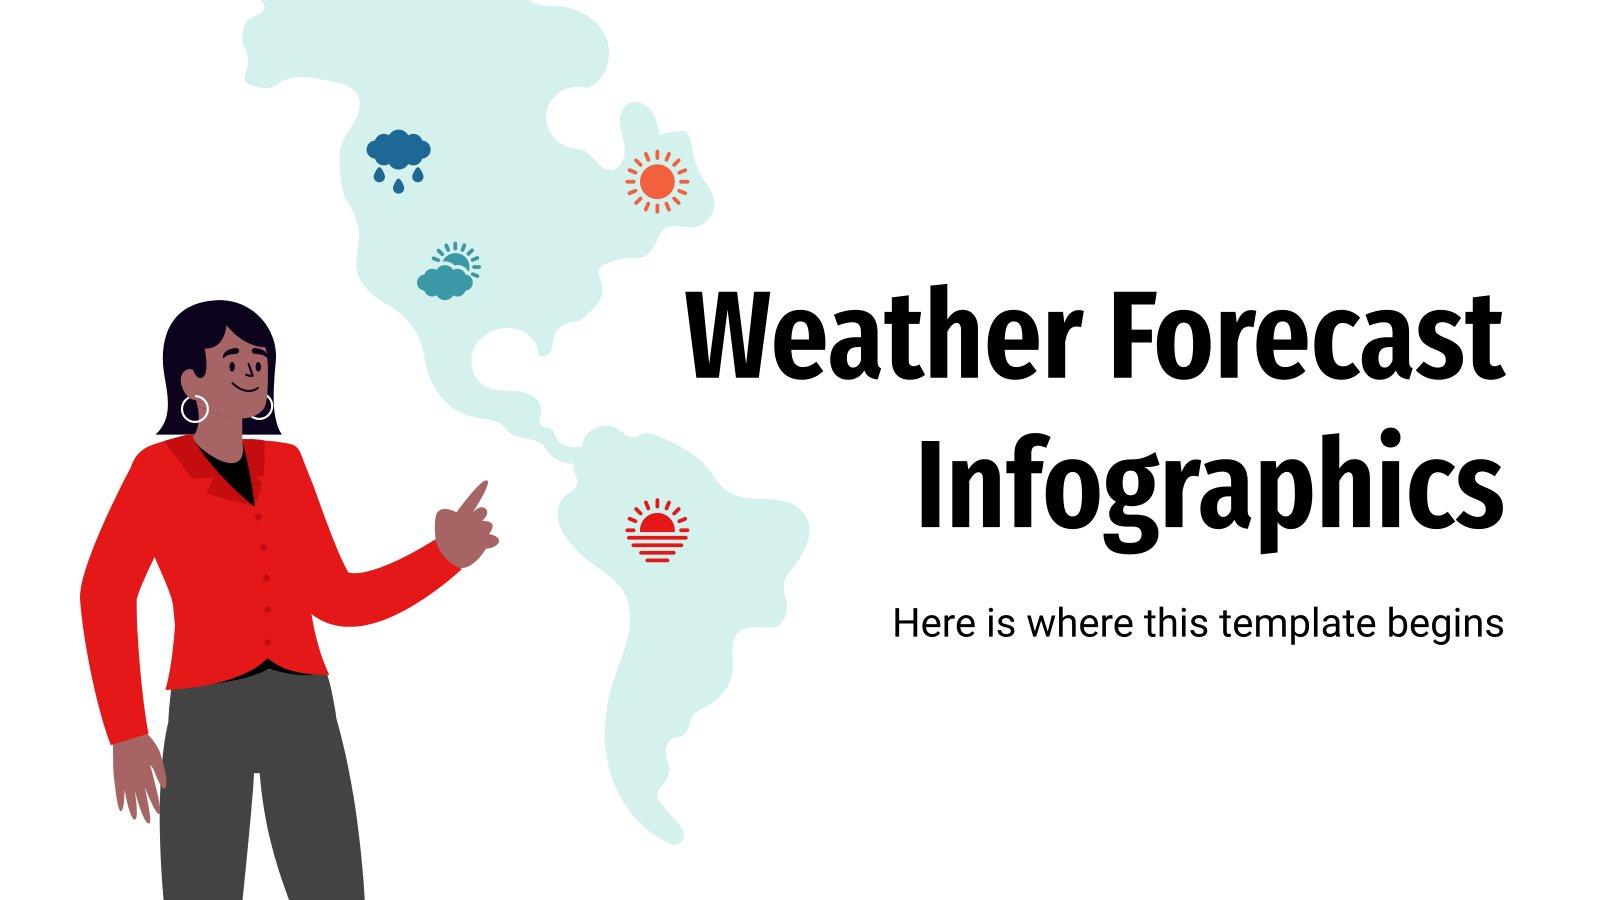 Infographies sur le prévision météorologique : Modèles de présentation